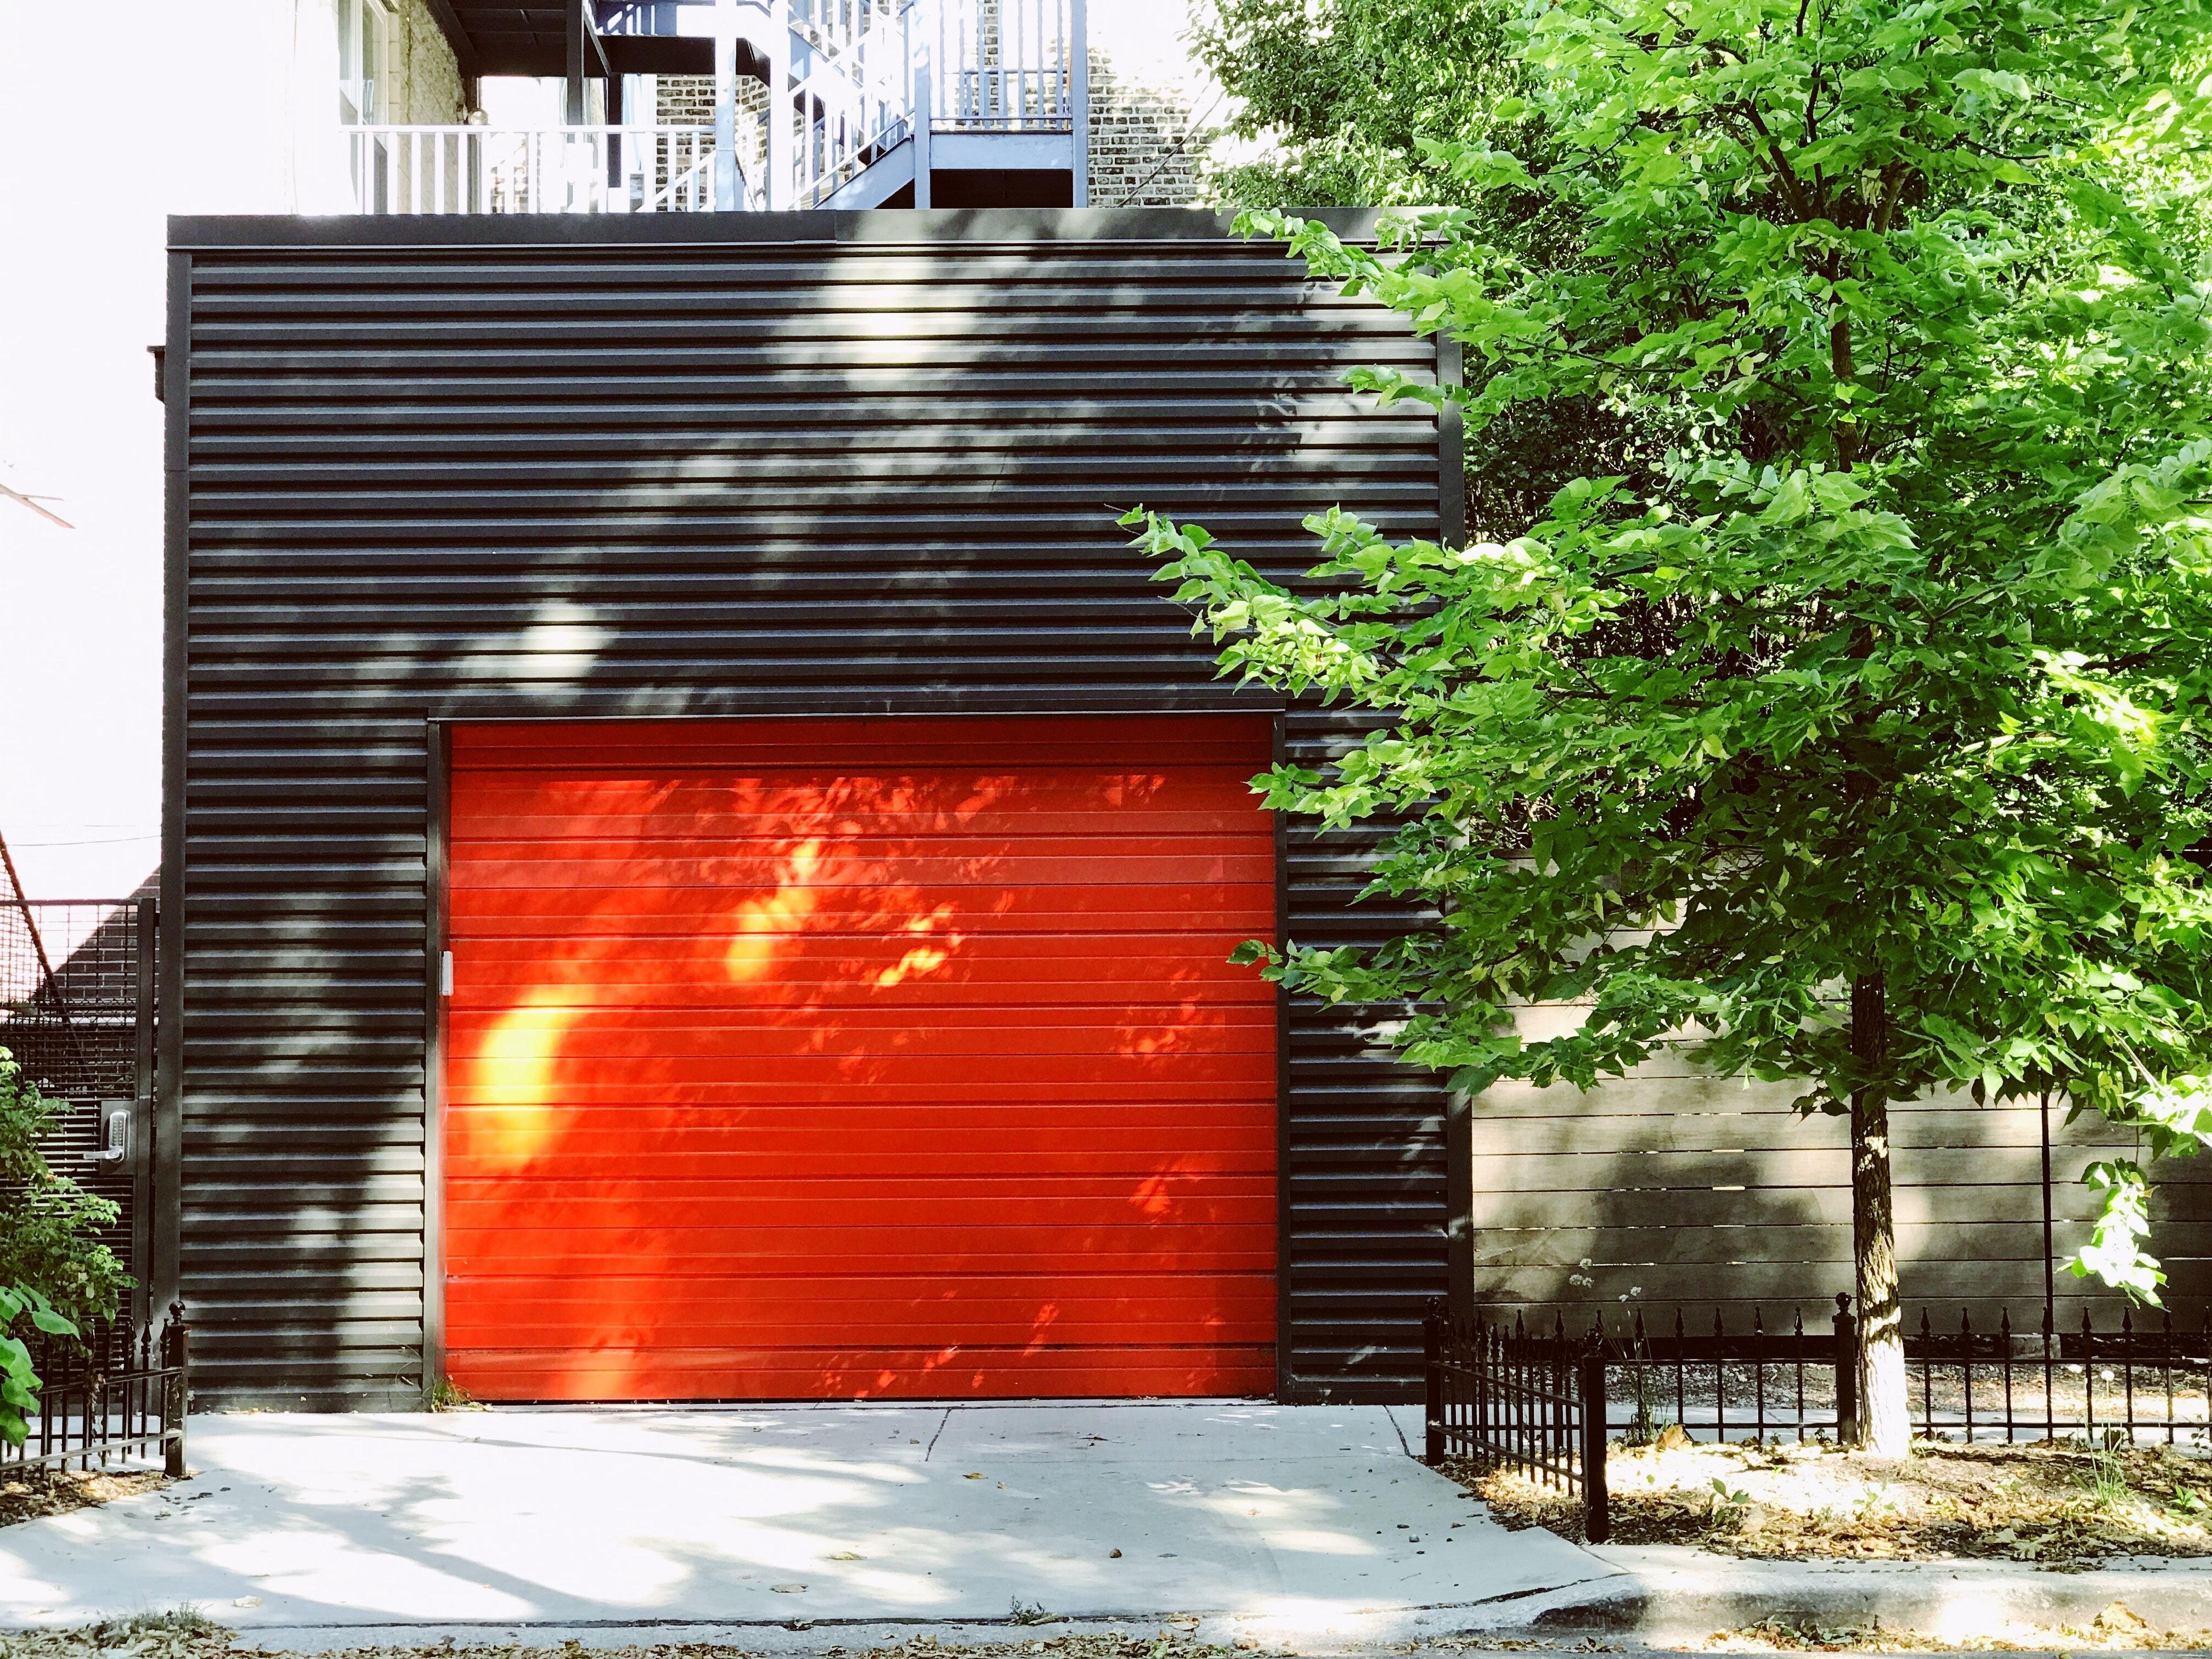 How To Reset Clicker Garage Door Keypad Without Code Garage Doors Door Repair Home Decor Shops